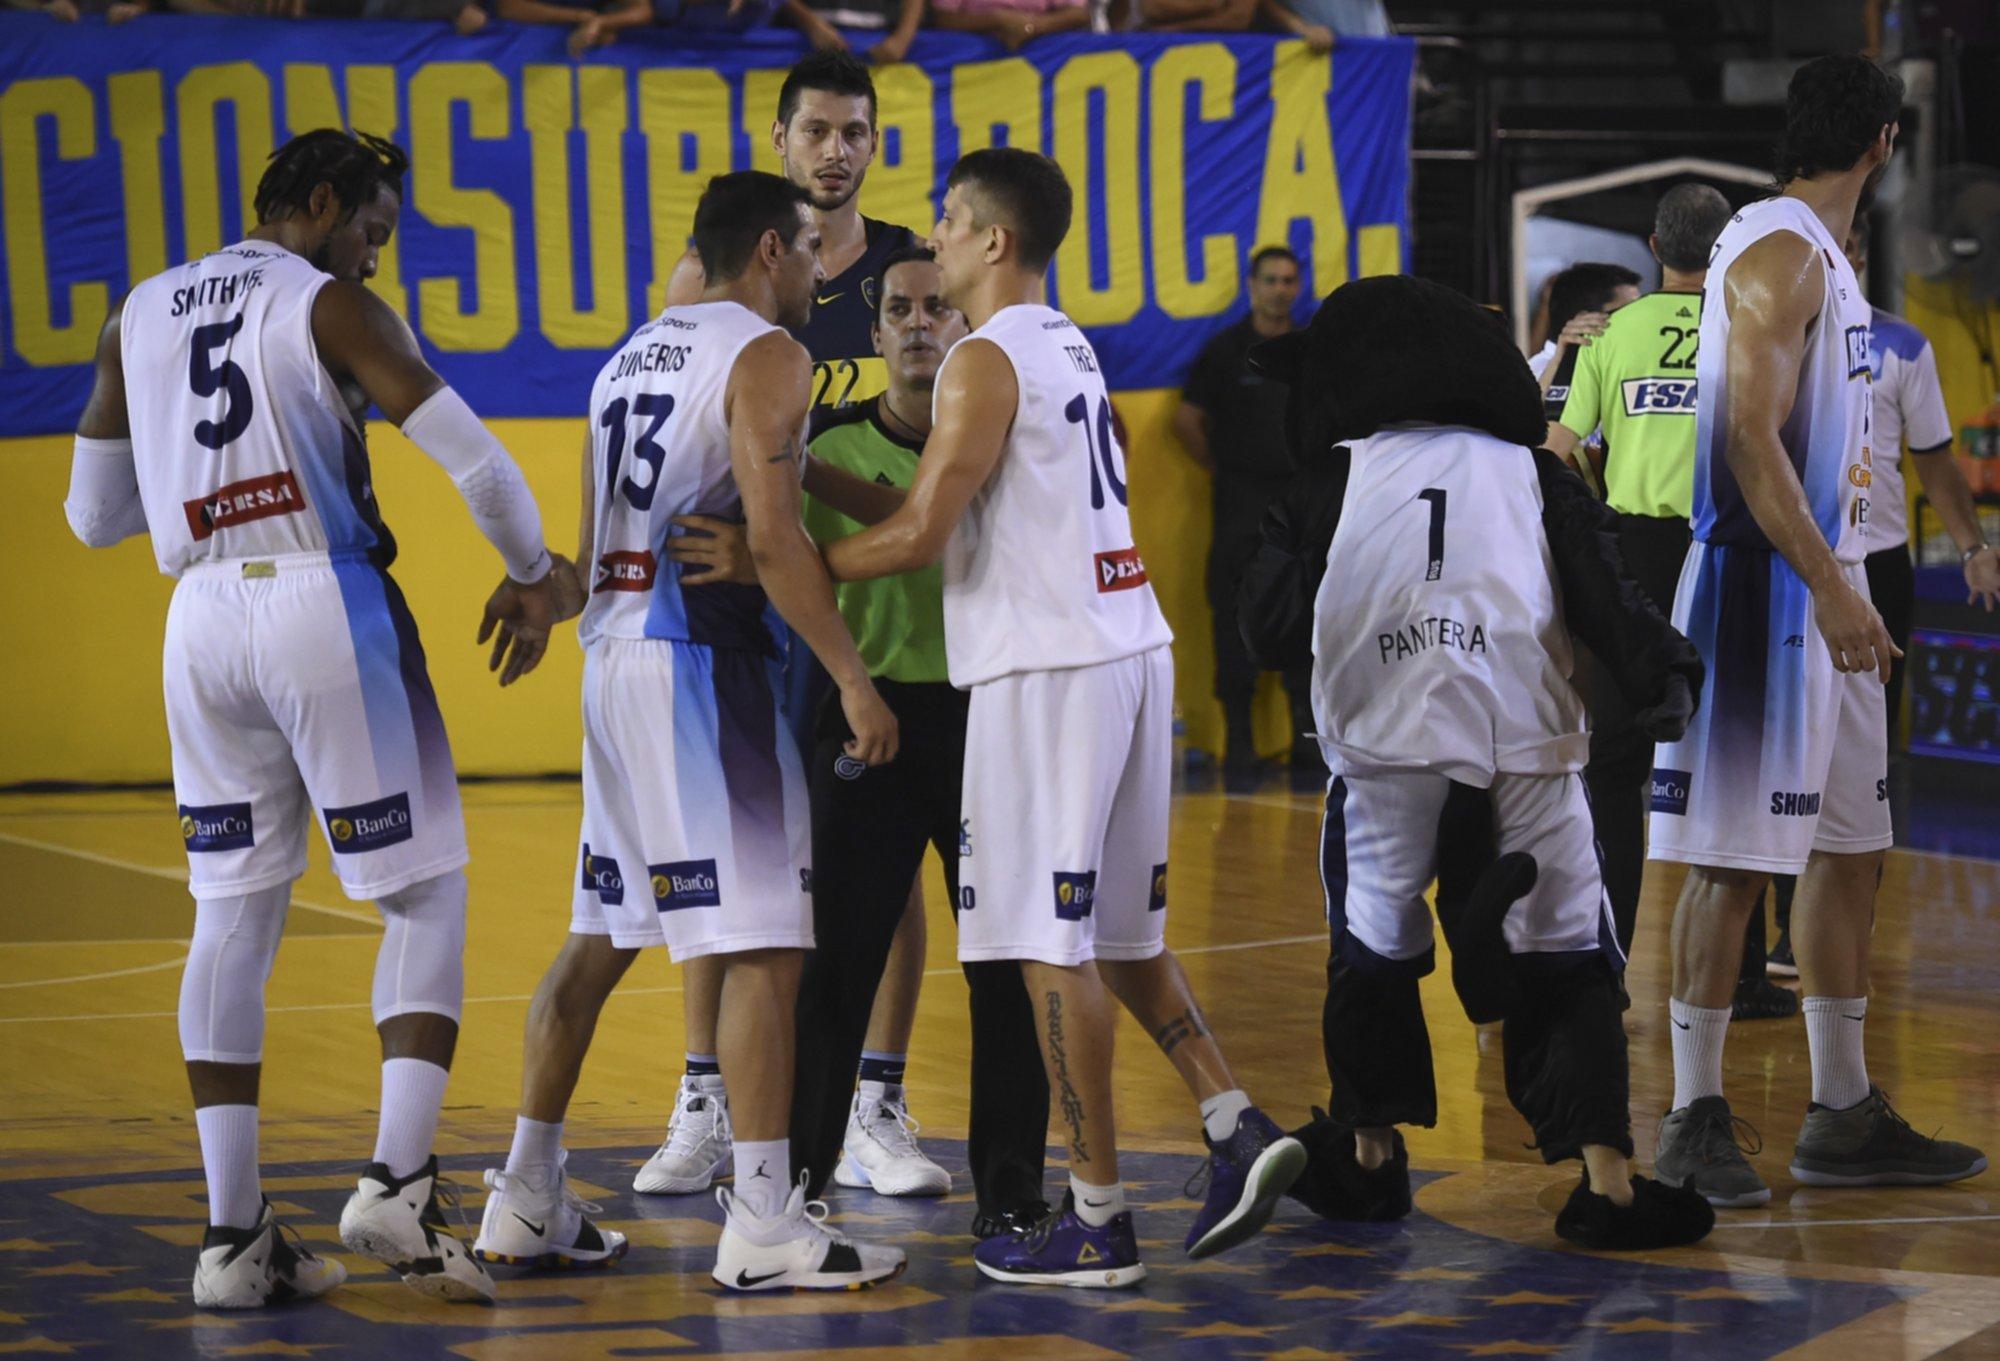 <p>Discutido. El final del cotejo entre Boca y Regatas termin&oacute; con sanciones arbitrales cuestionadas por el plantel Fantasma.</p>